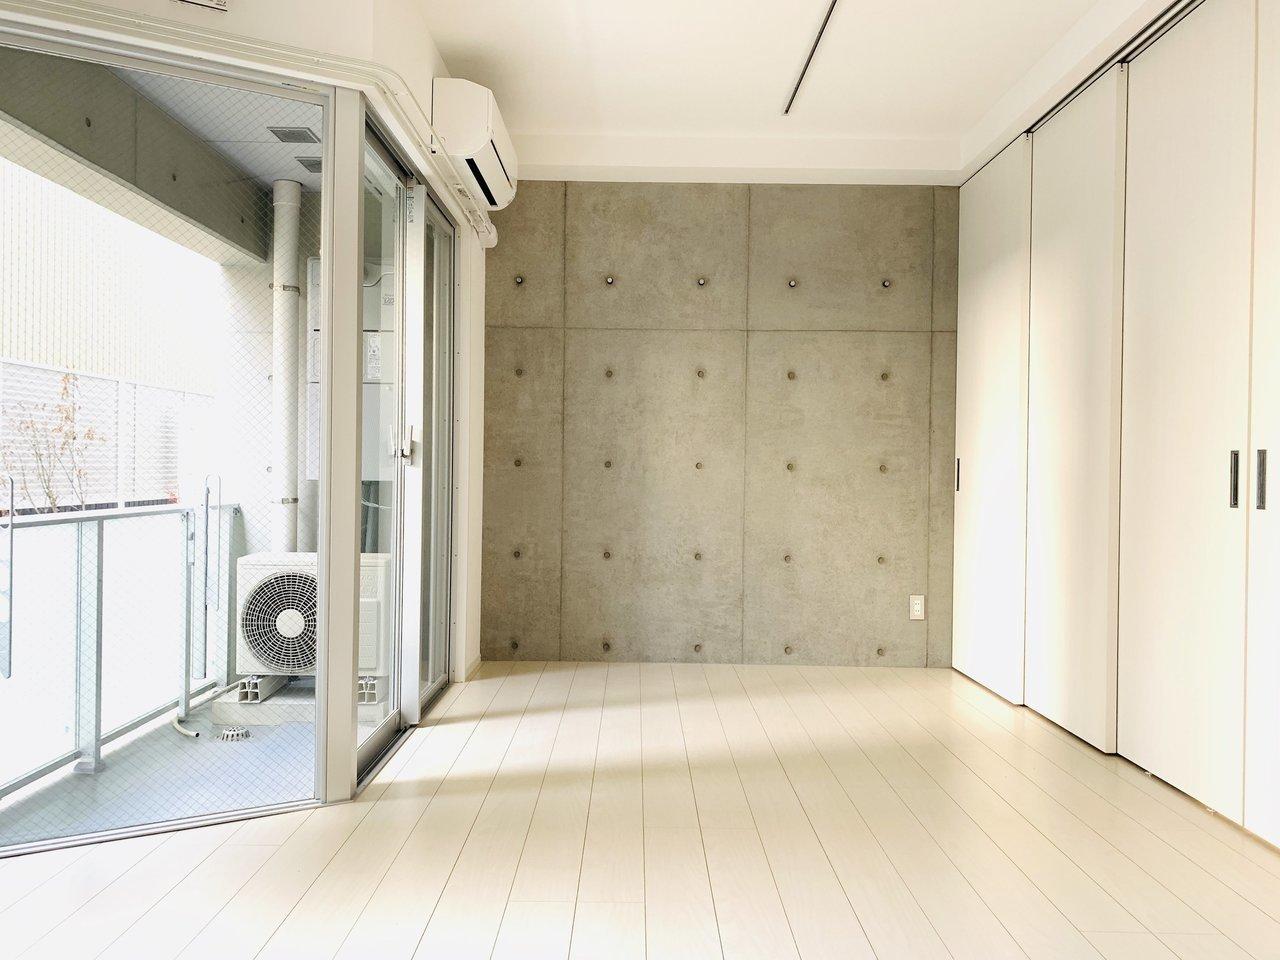 10.1畳の広々とした空間。採光部が大きいのでお部屋の中全体が明るく感じます。そして右側の引き戸を開けると……